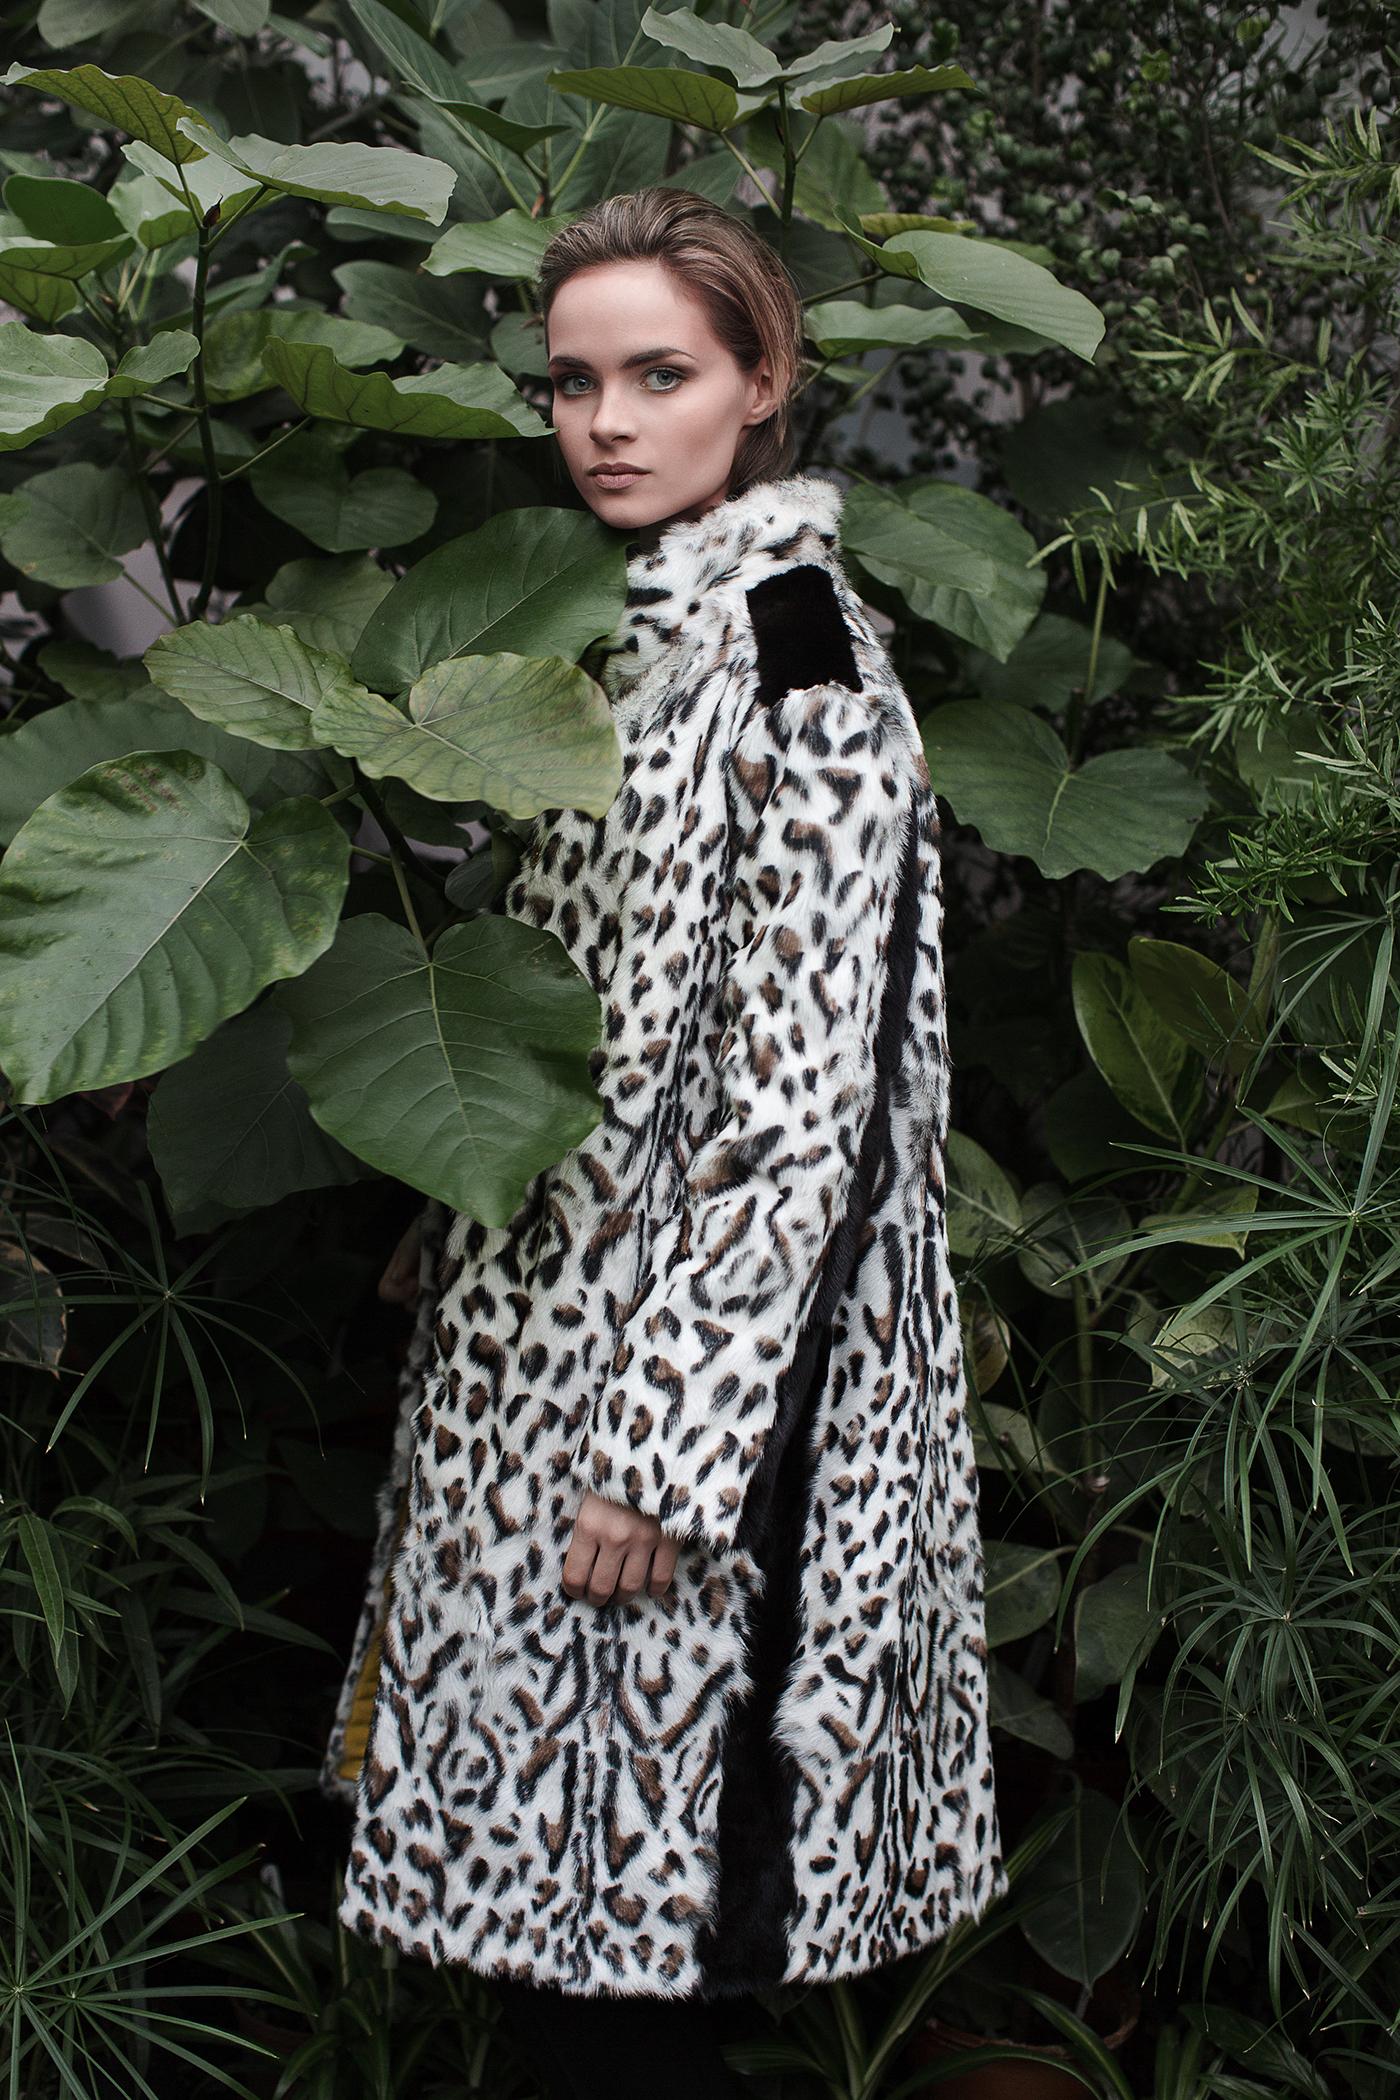 Cacti and fur coats / фото Катя Демидова